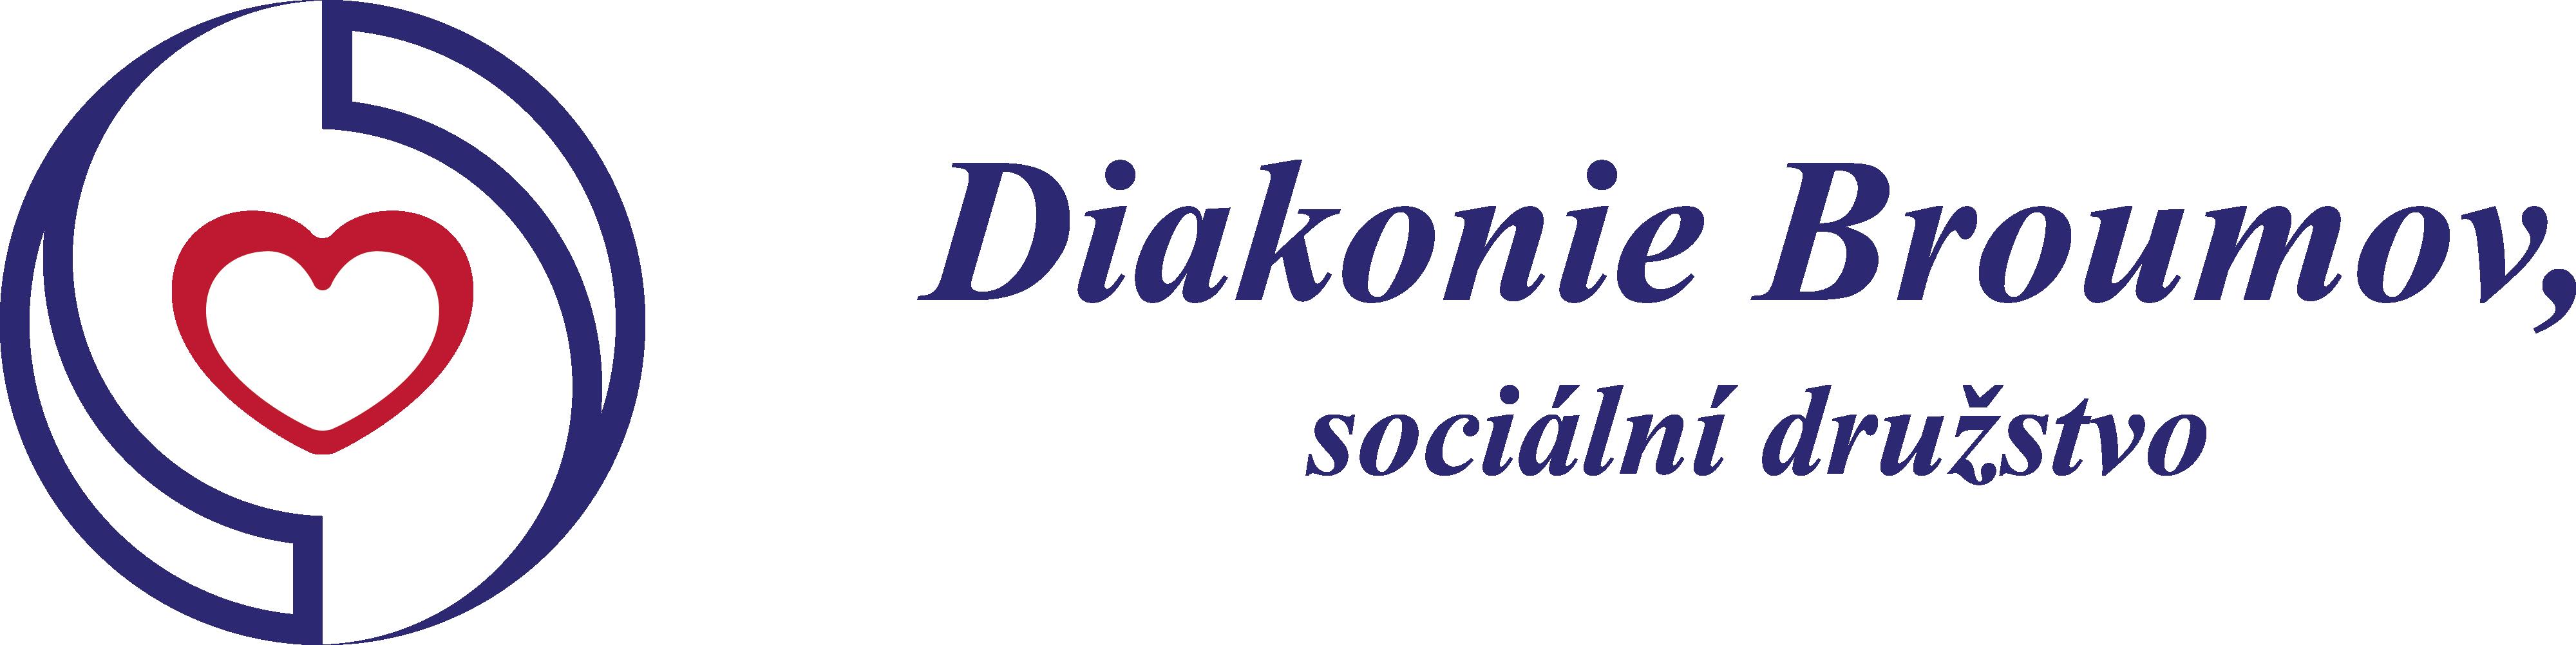 Diakonie Broumov